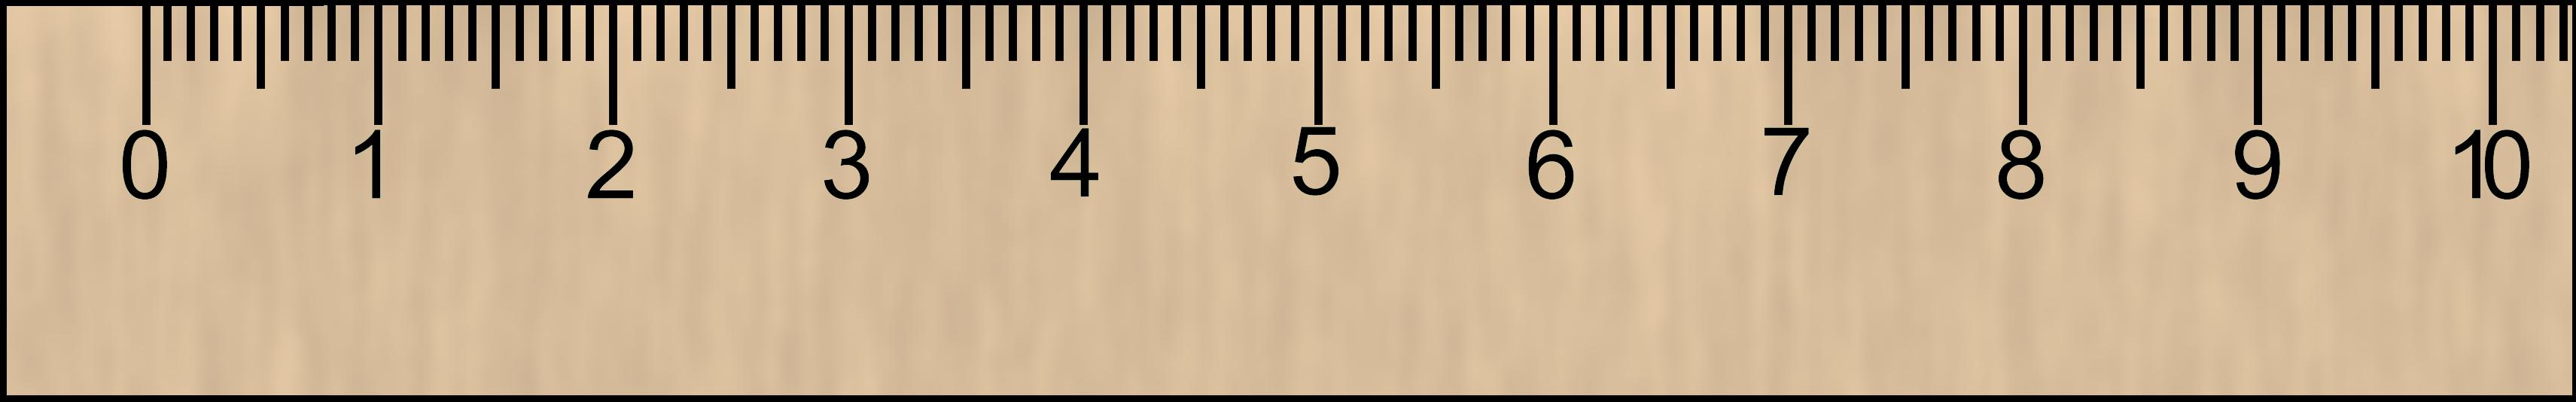 Ruler PNG - 12163